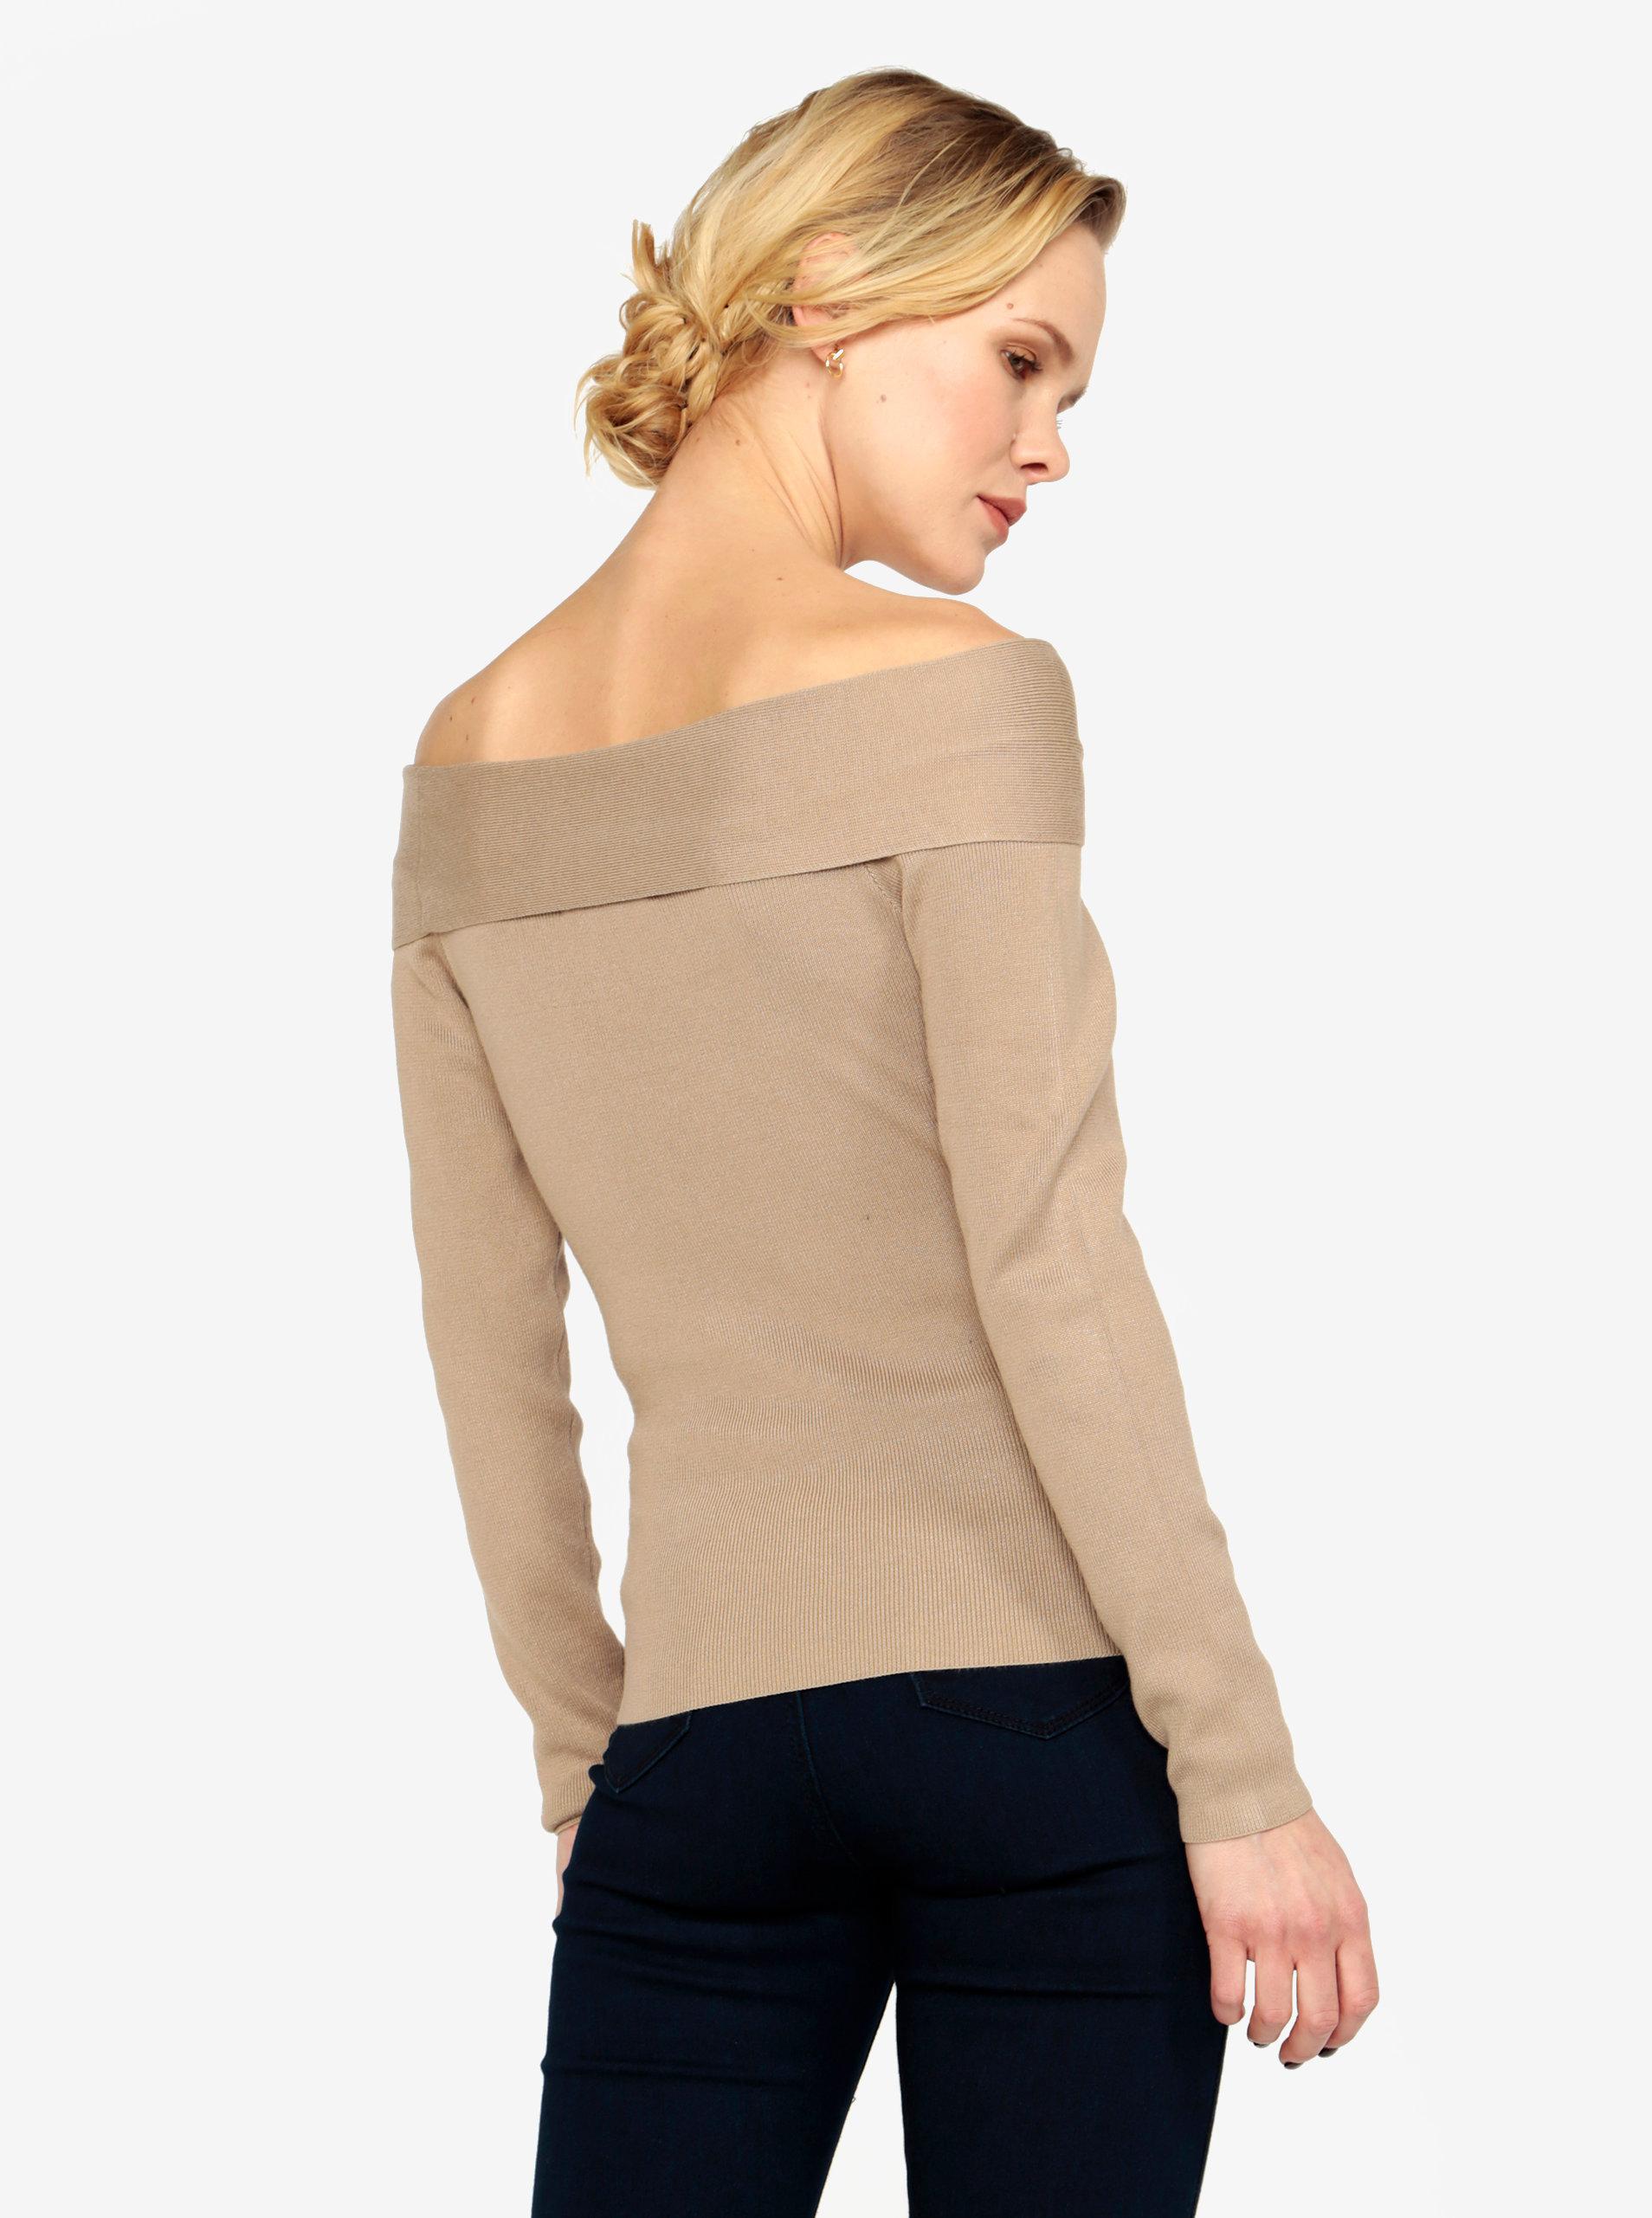 Béžový svetr s odhalenými rameny MISSGUIDED ... 47bf010d69